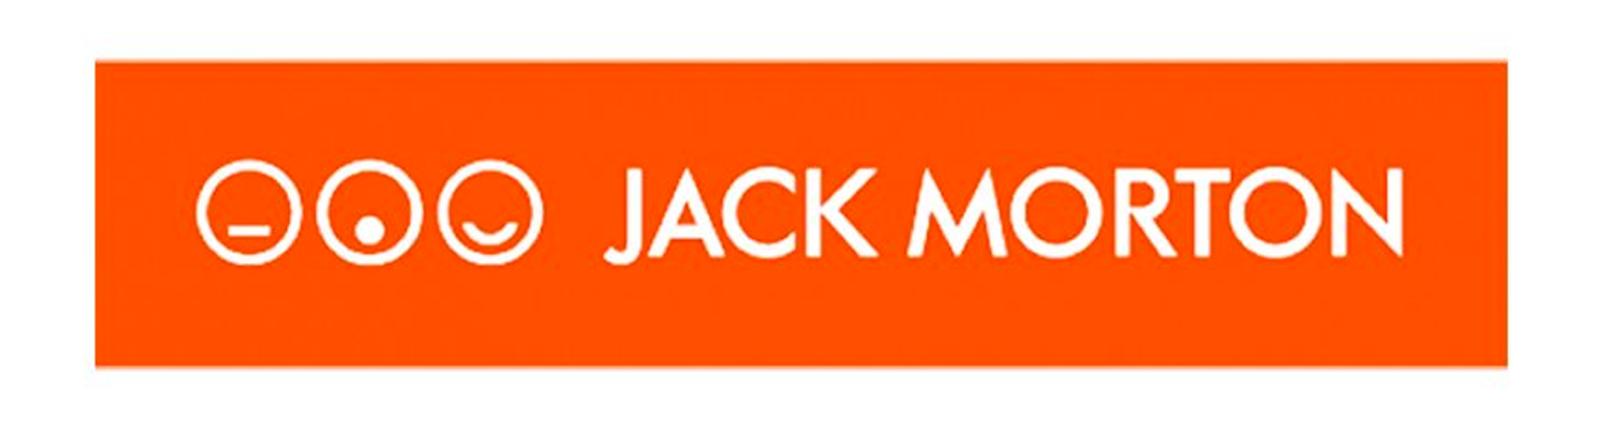 Jack Morton Hero